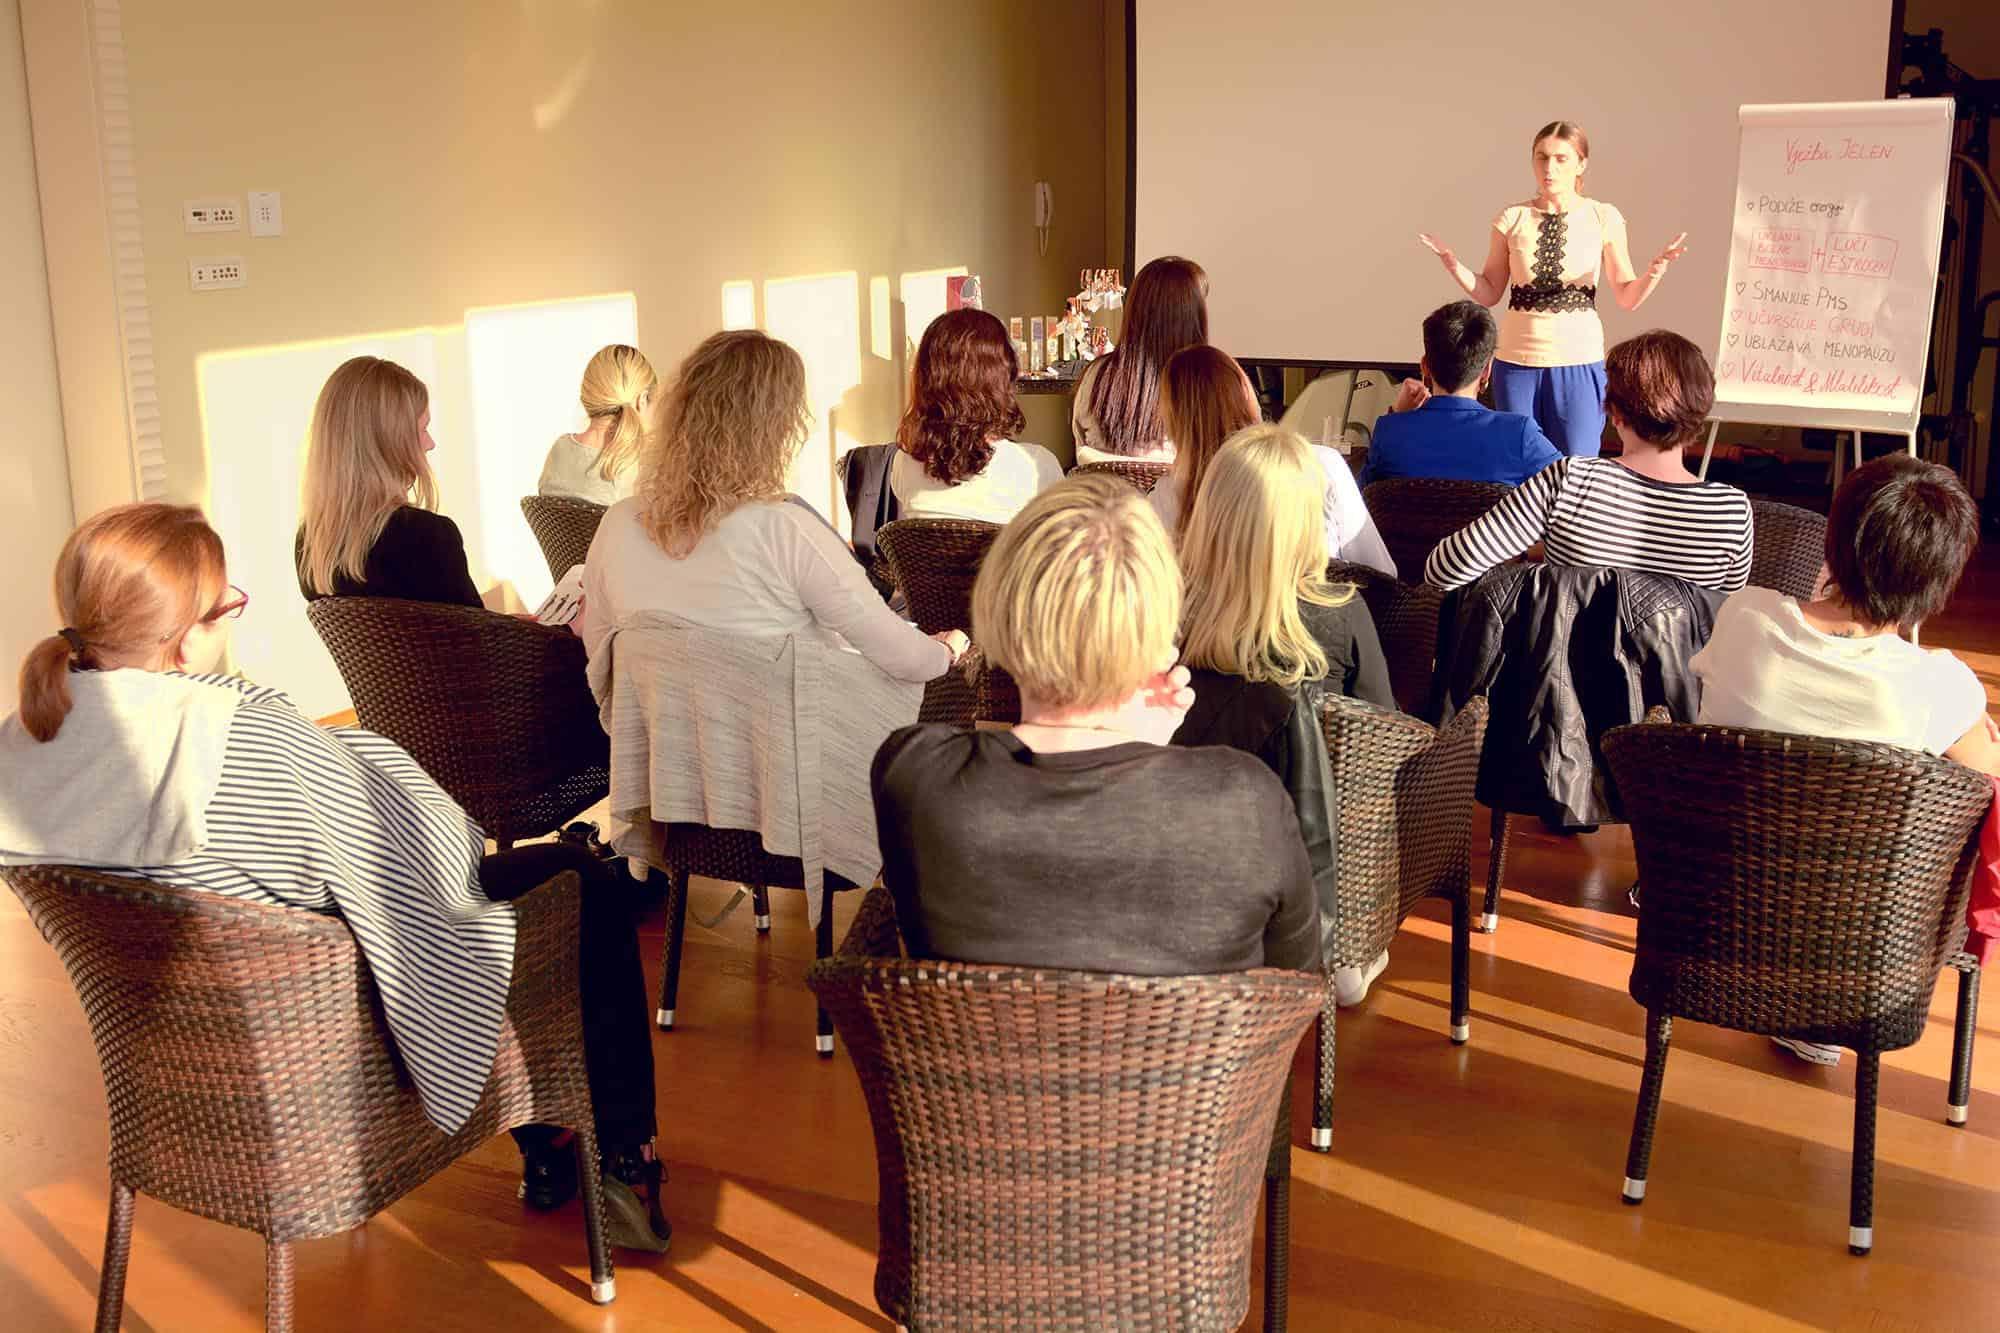 Petra Cutuk Vjeruj Traži Manifestiraj Zdravlje Meditacija Vježbe Disanja Samopouzdanje Posao Snaga Žene Pula Ljepota